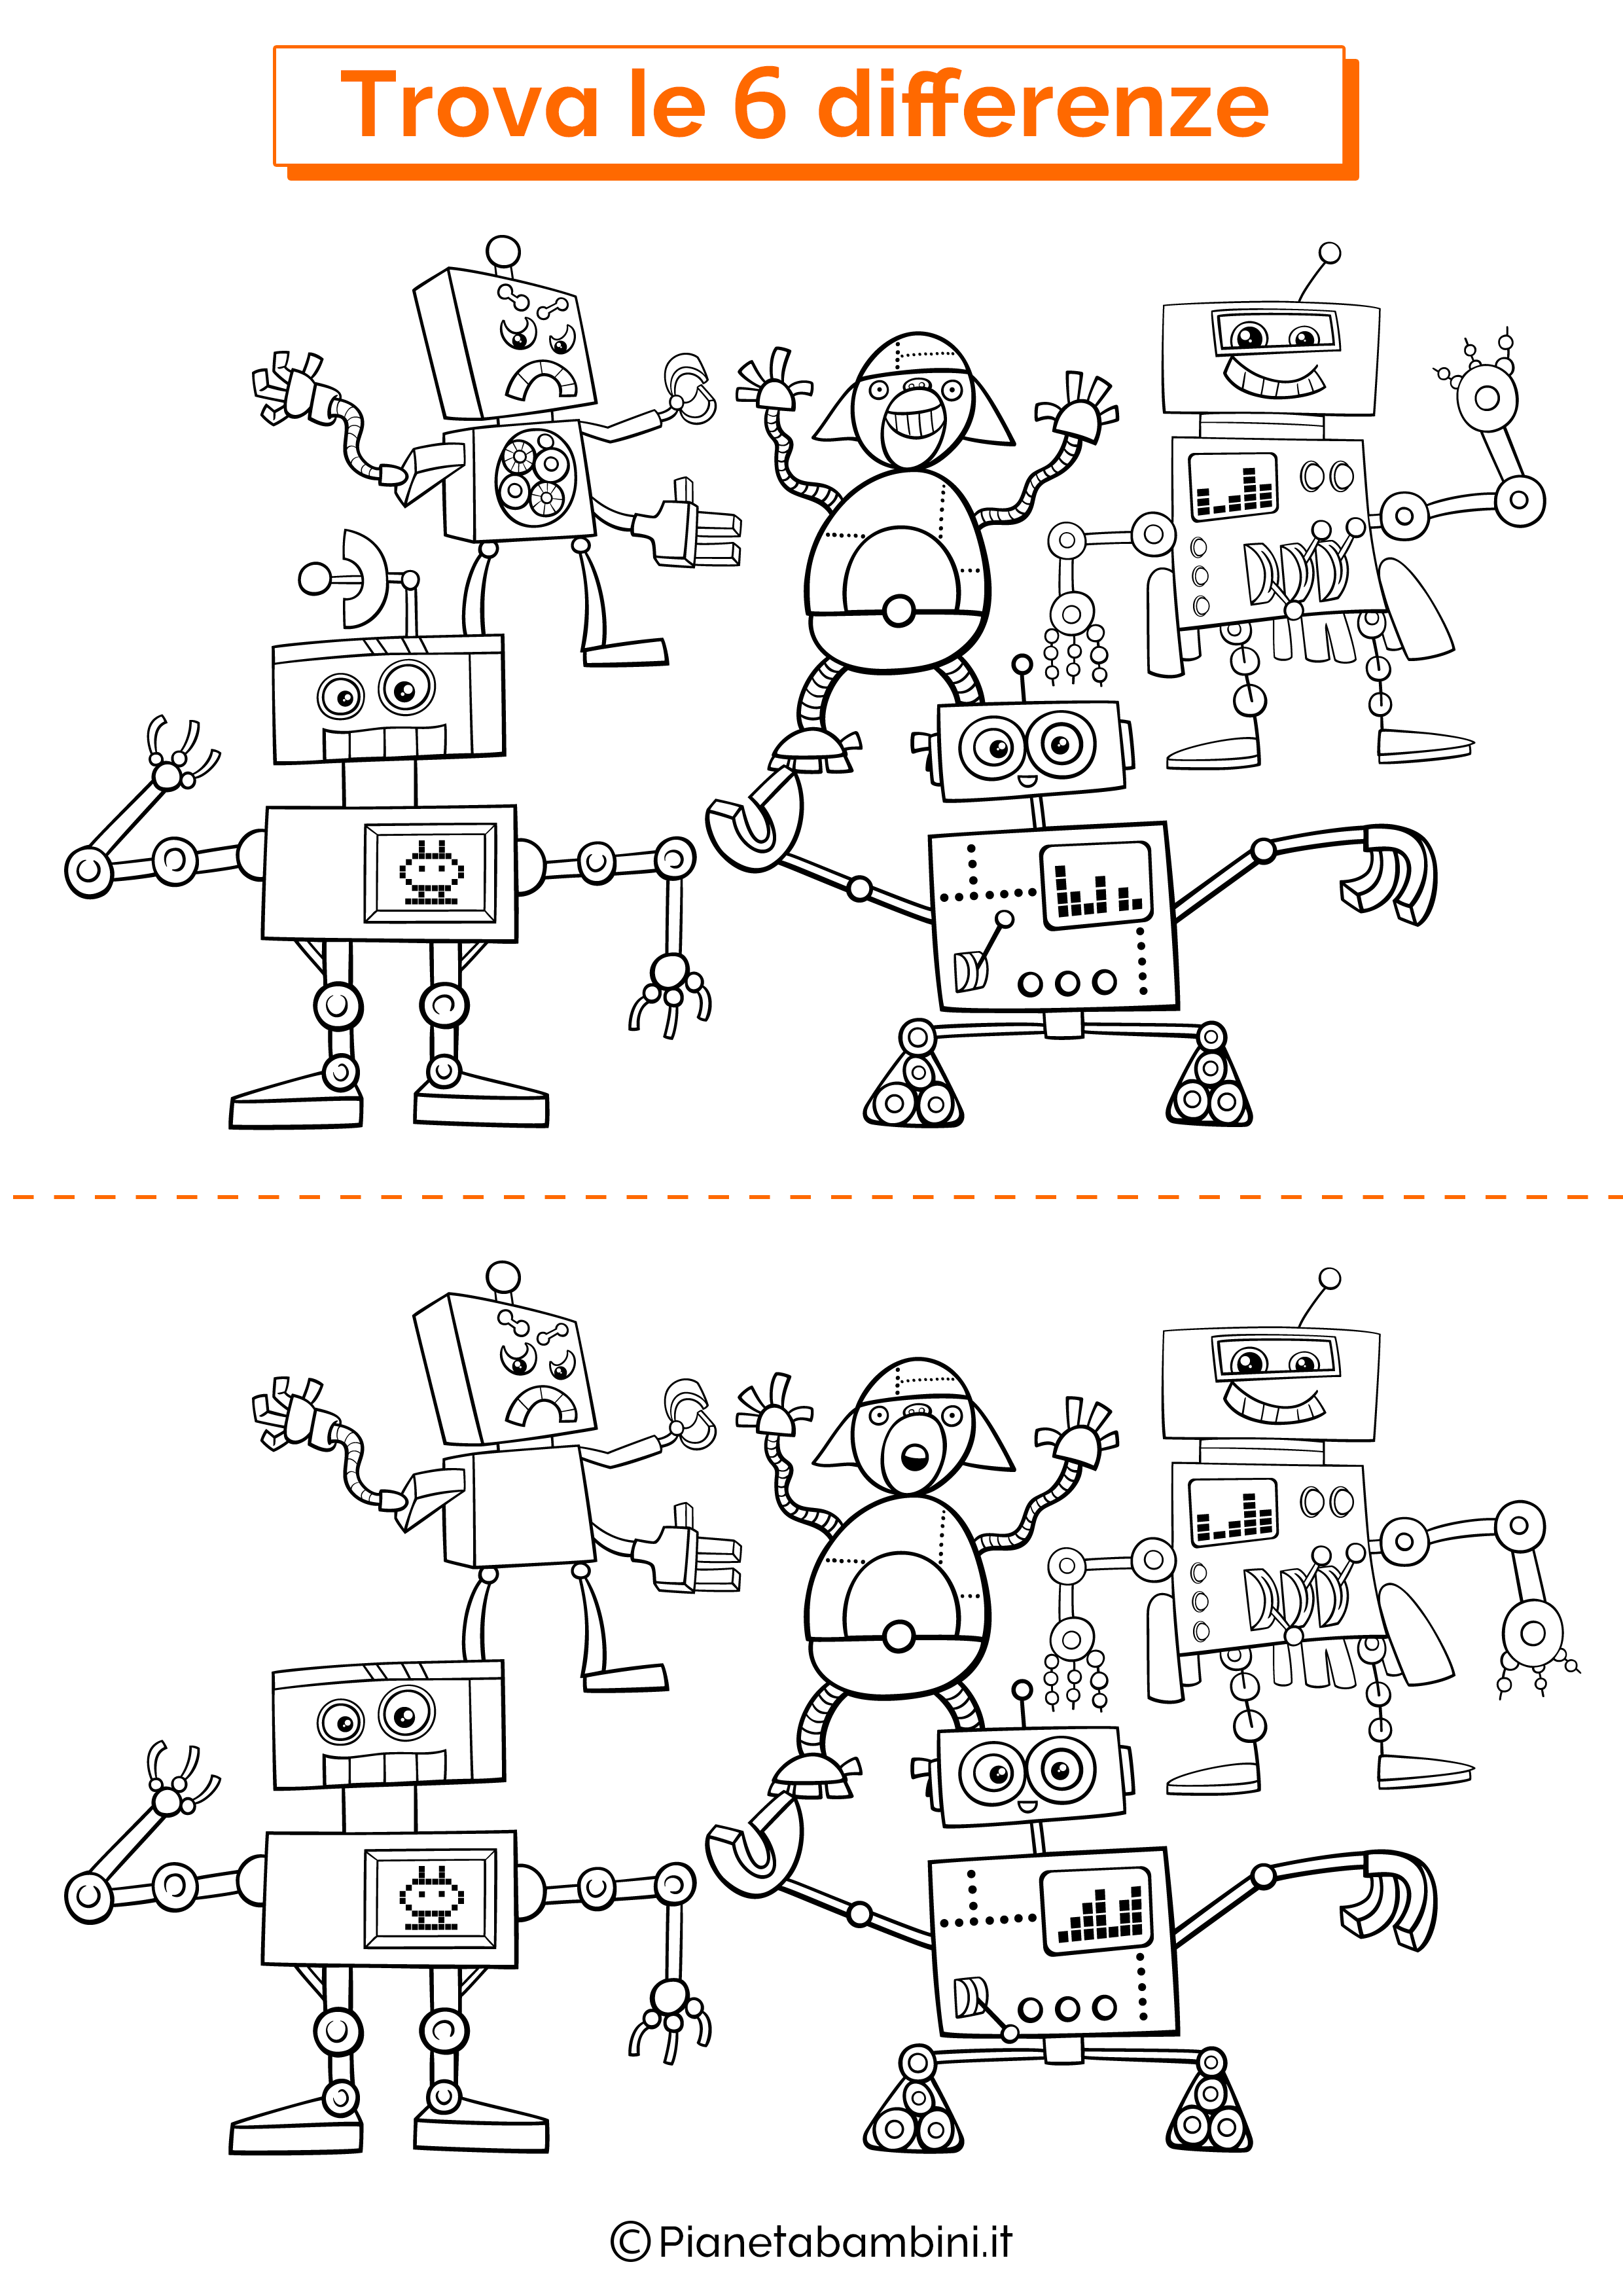 Disegno trova 6 differenze robot simpatici